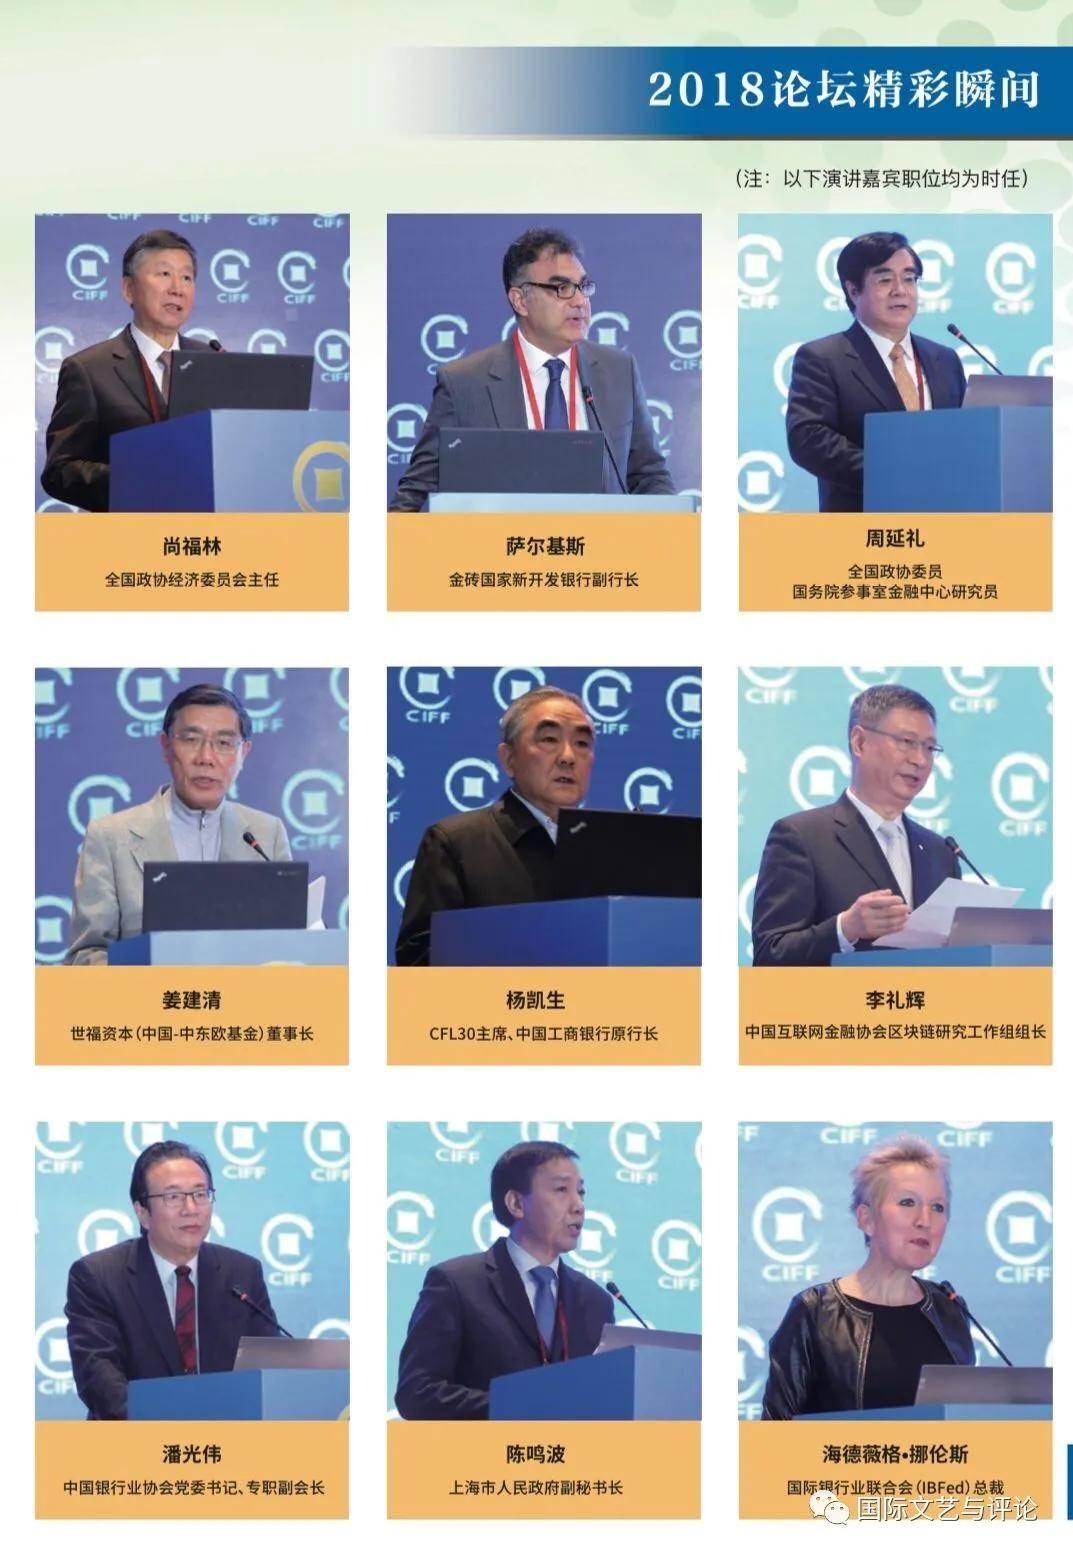 胡金全先生荣任中国国际论坛组委会秘书处联席秘书长